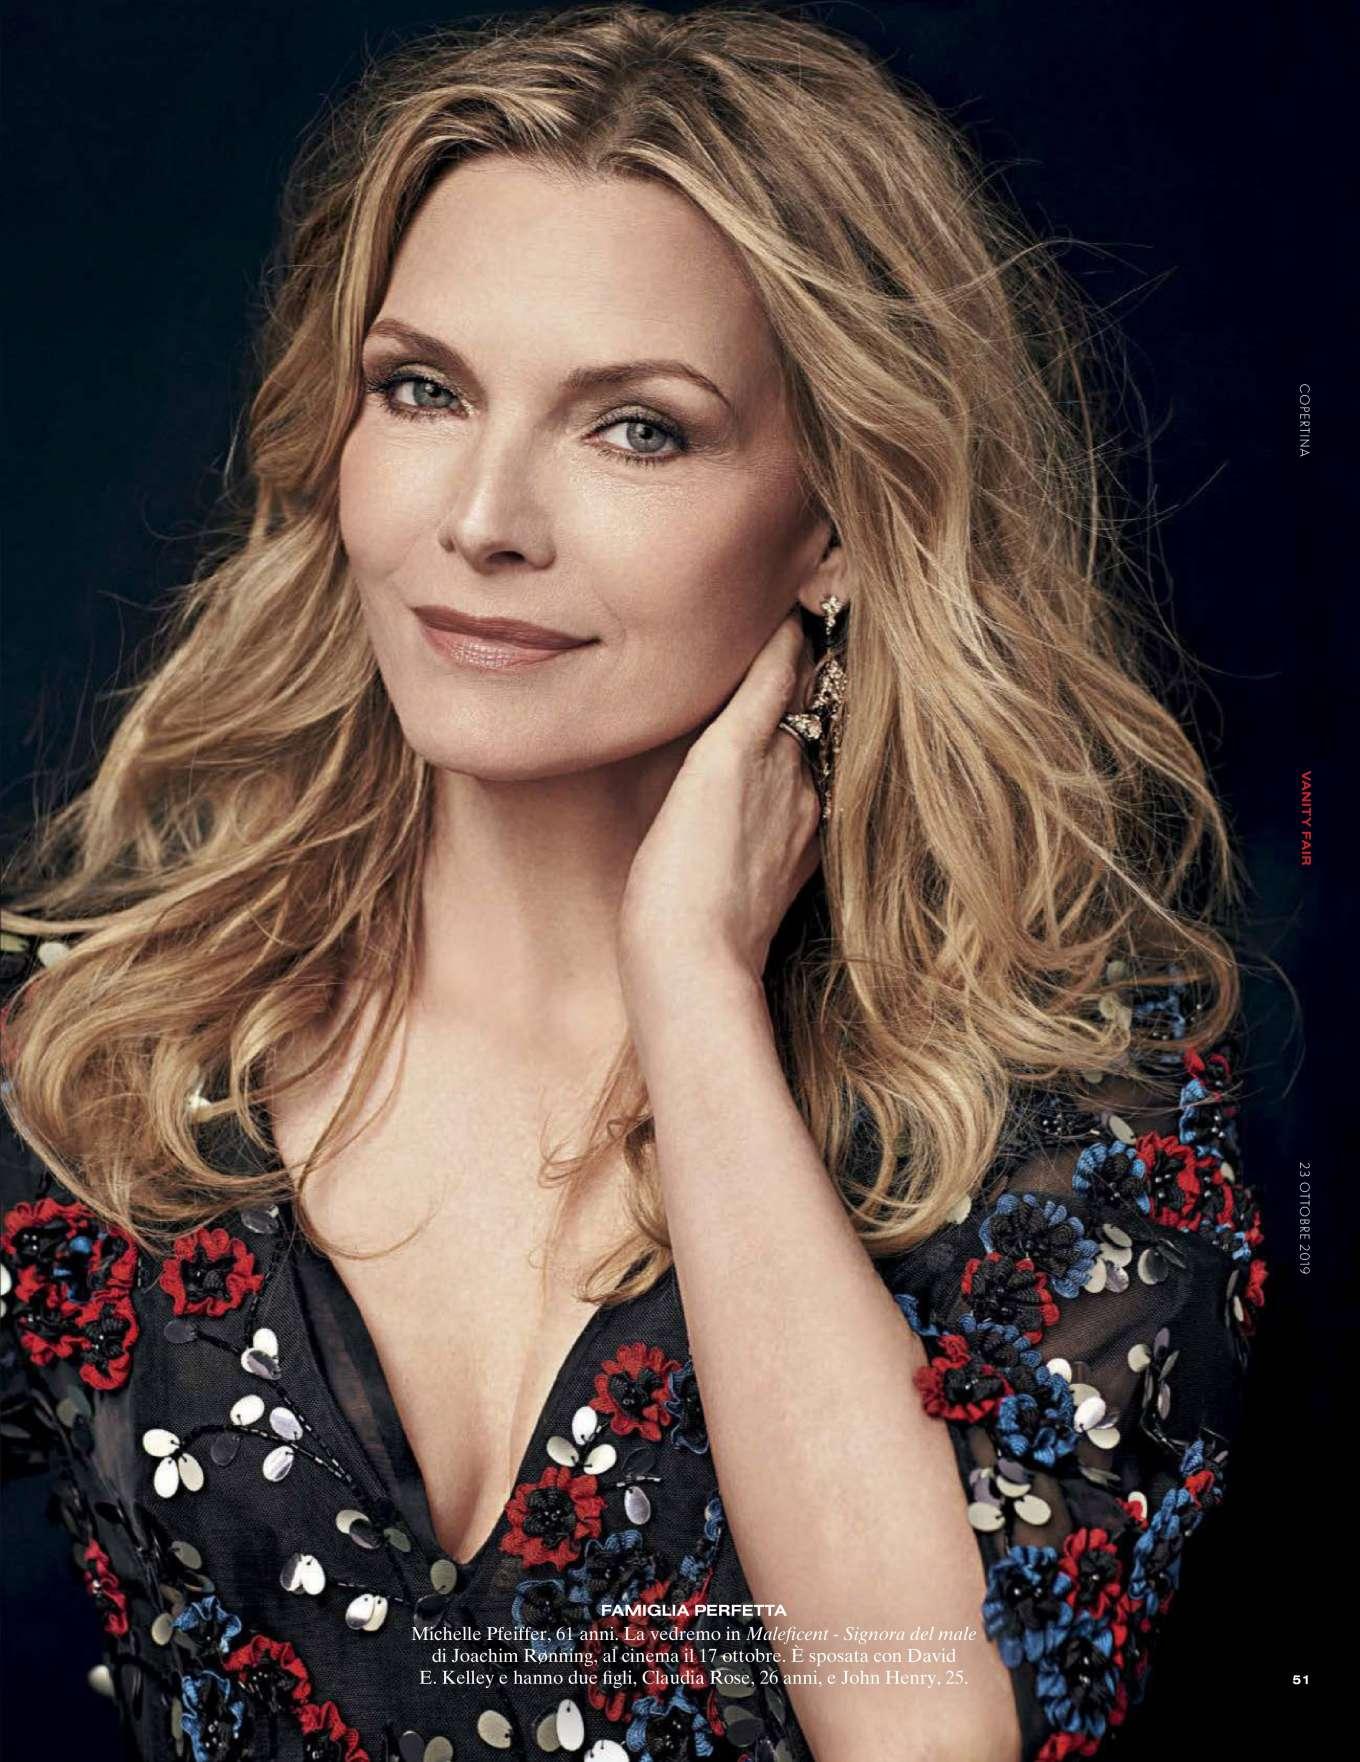 Michelle Pfeiffer - Vanity Fair Italy Magazine (October 2019)